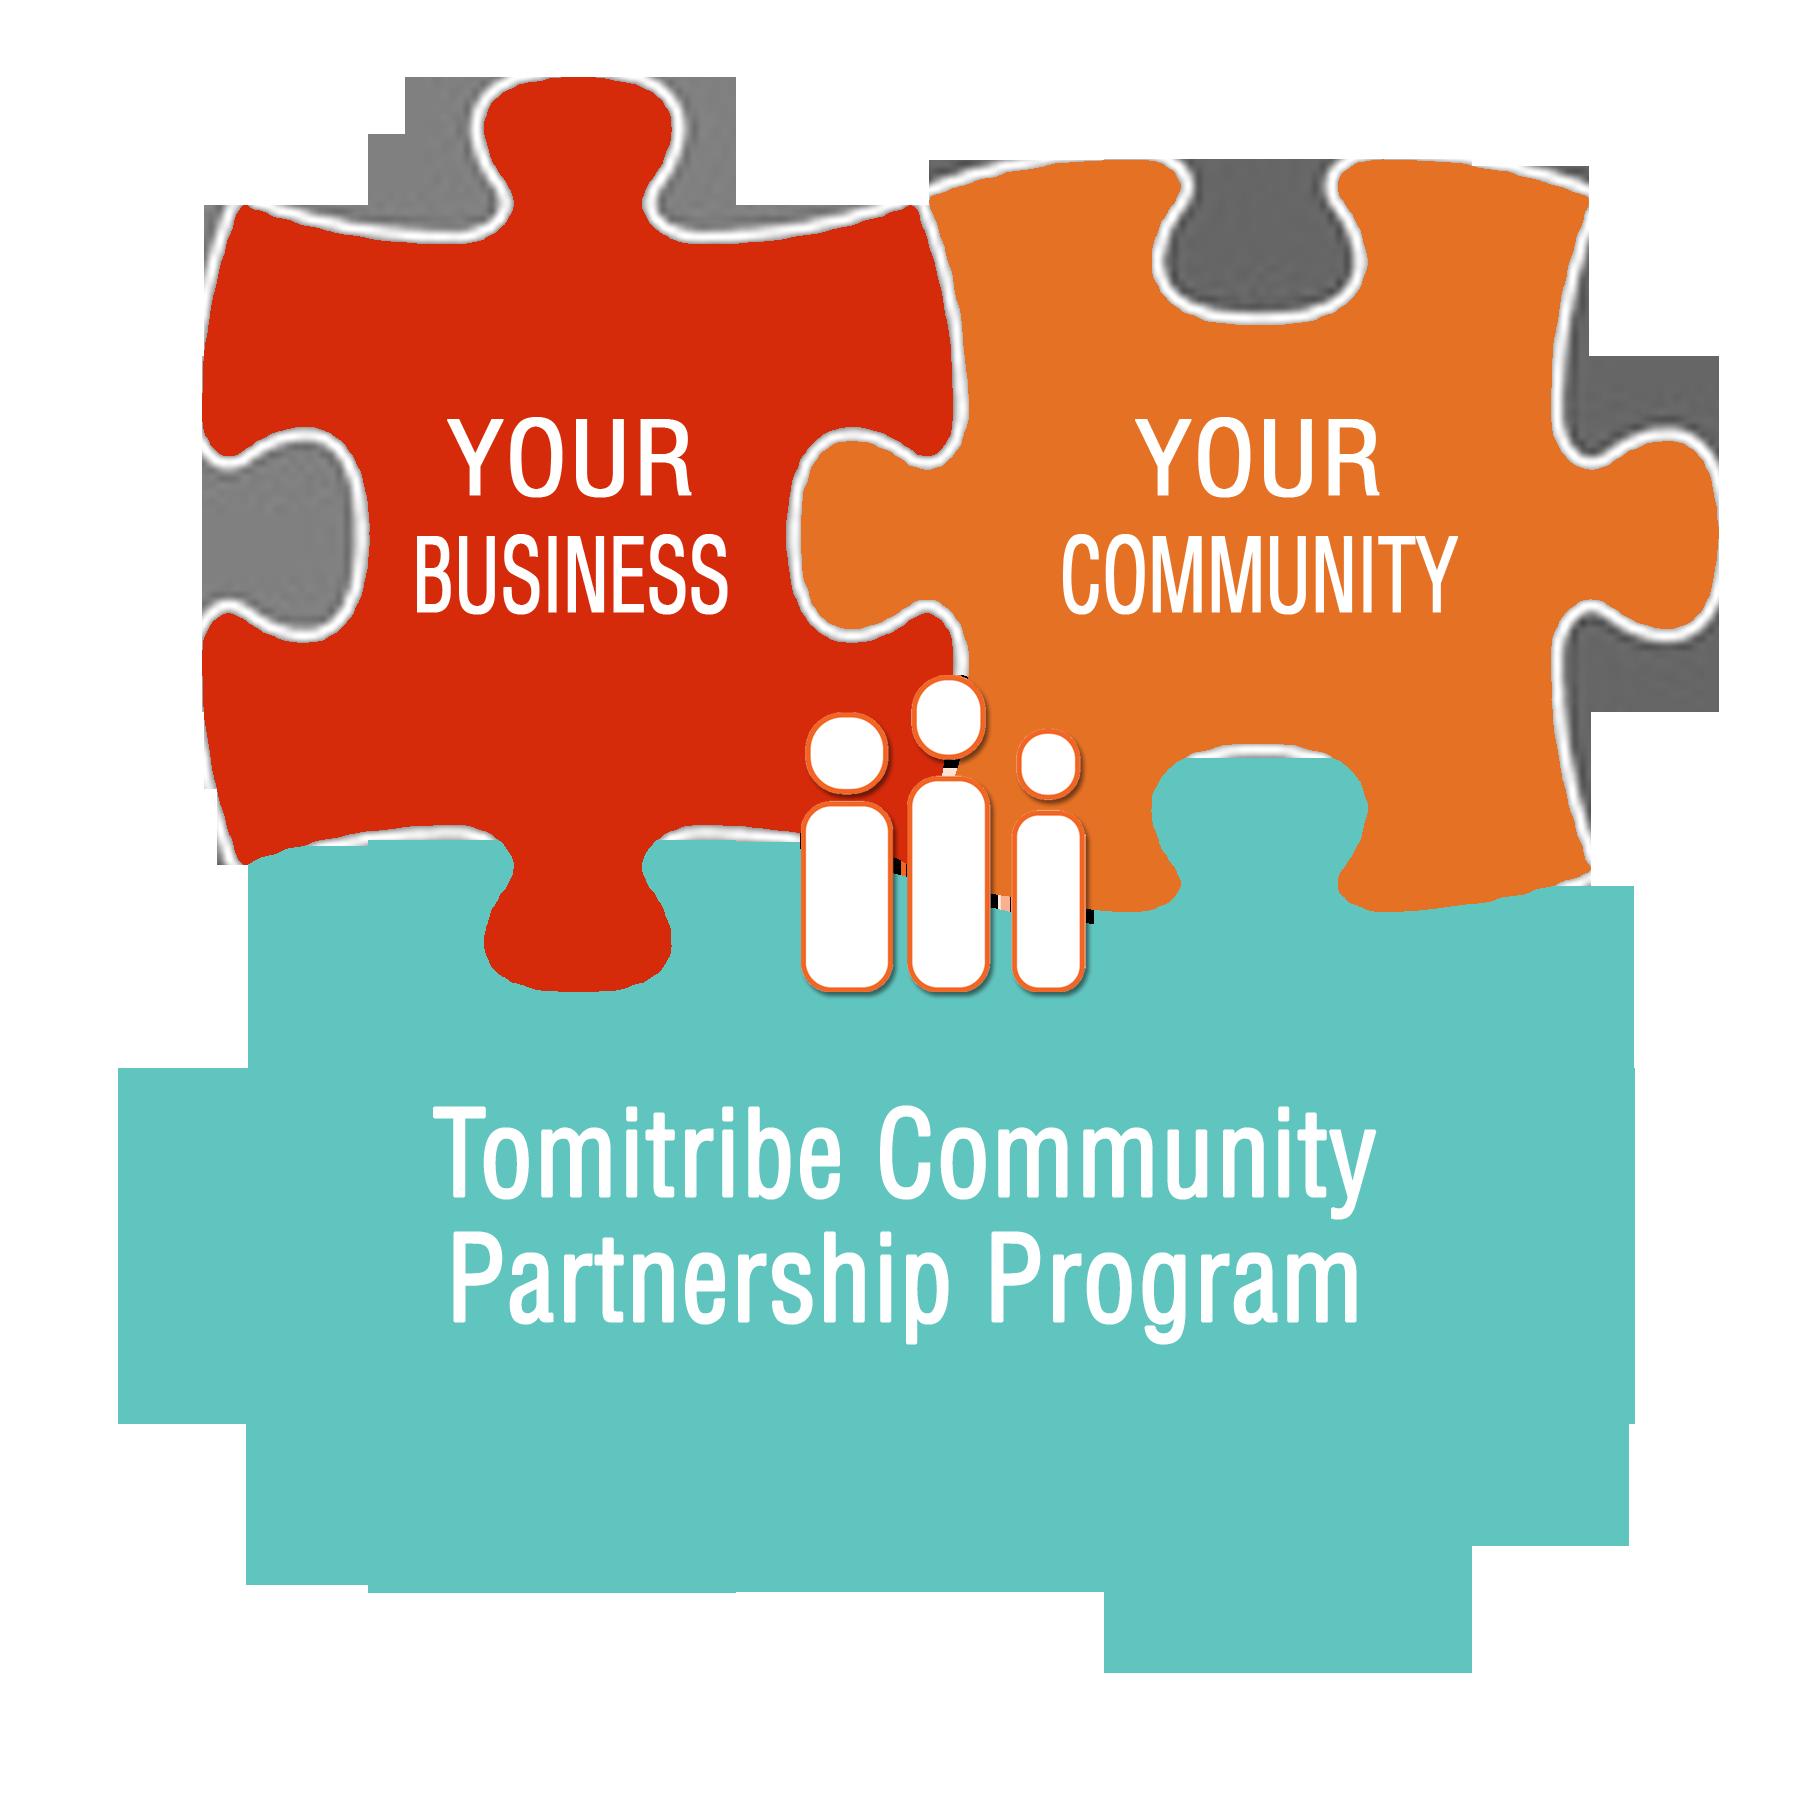 Tomitribe Community Partnership Program